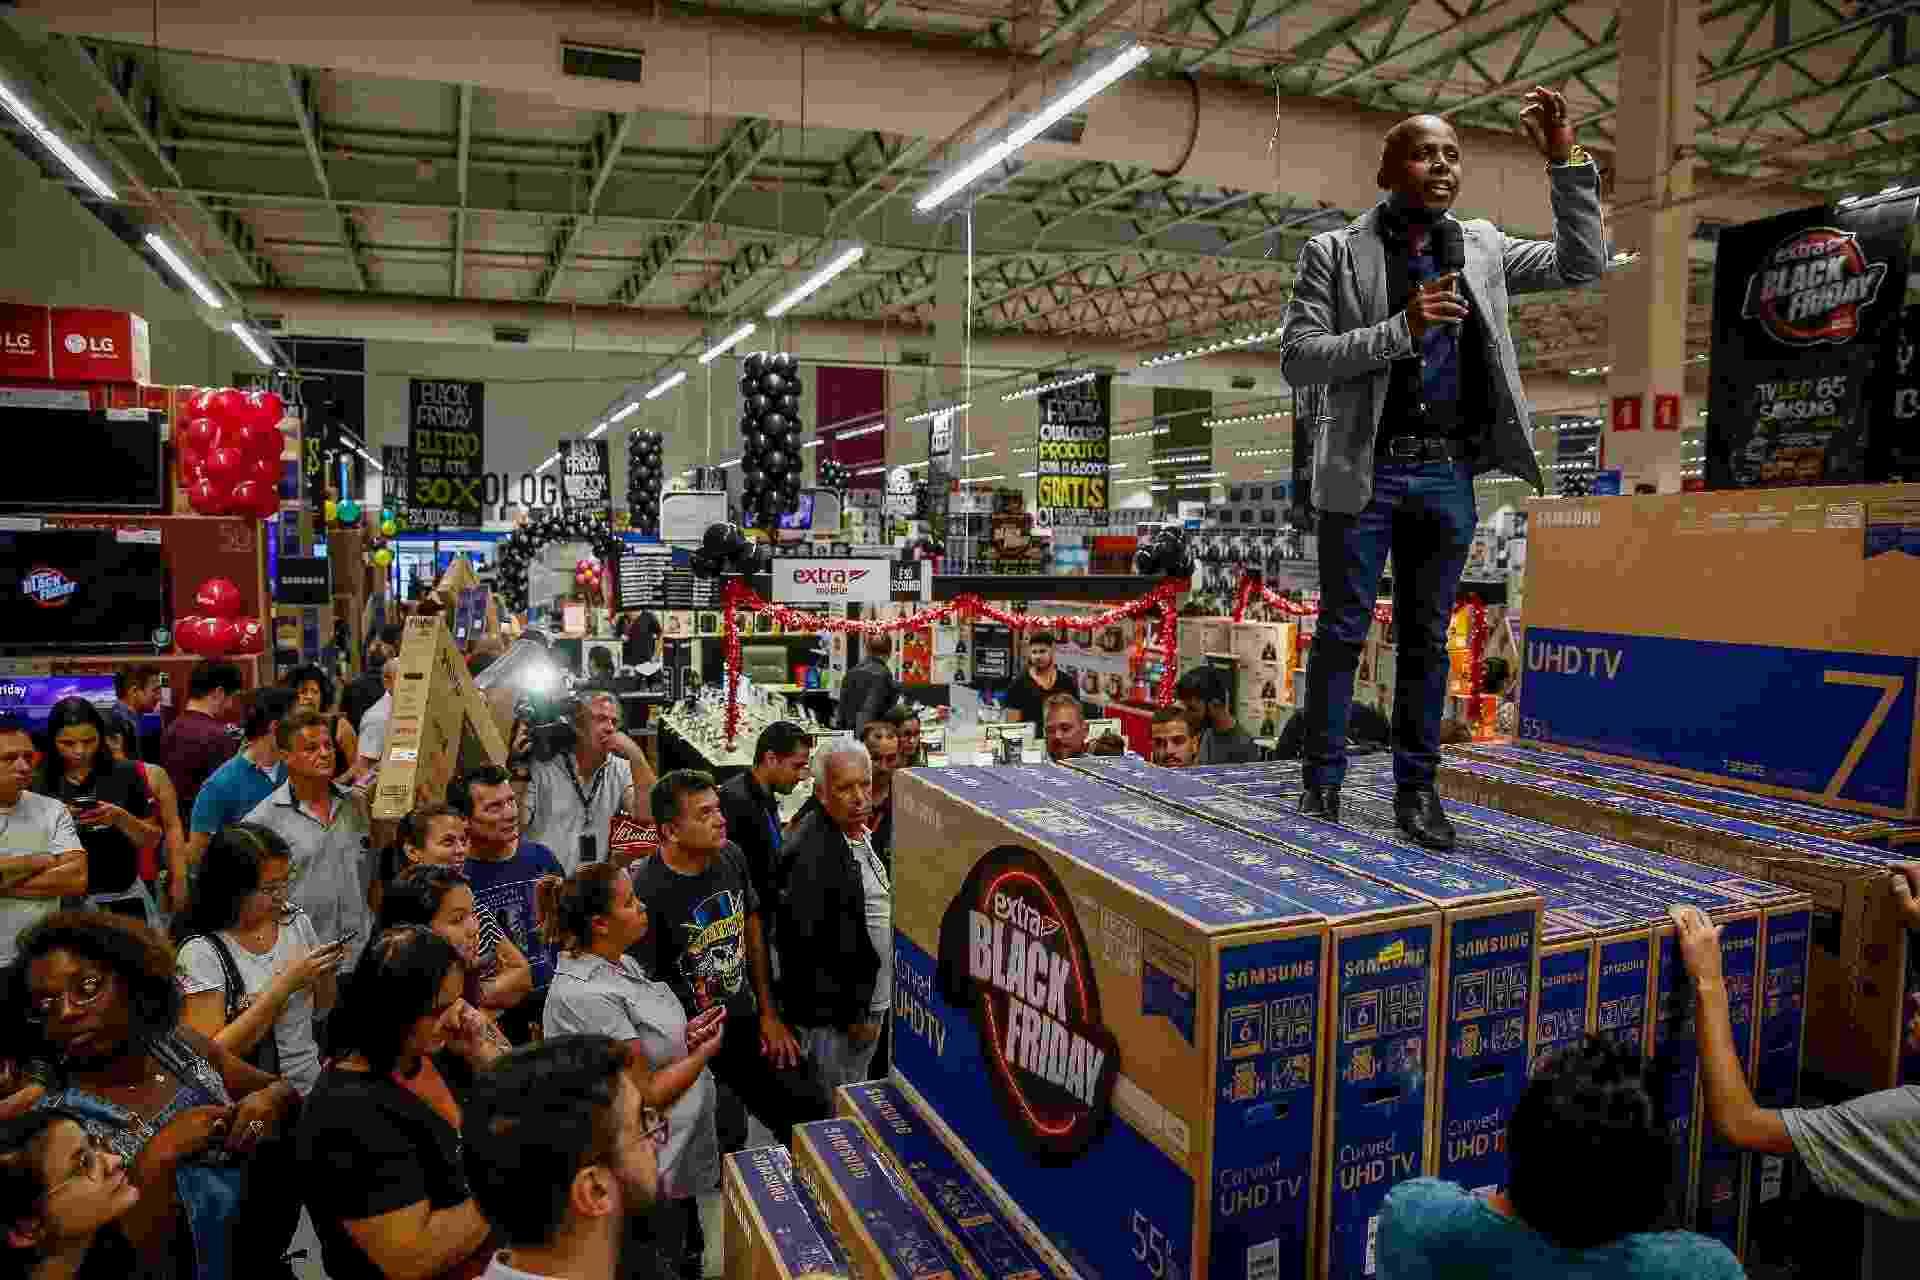 Consumidores aproveitam promoções da abertura da Black Friday no hipermercado Extra 24 horas, unidade da Ricardo Jafet, em São Paulo), na noite da quinta-feira (22) - Suamy Beydoun/Agif/Estadão Conteúdo